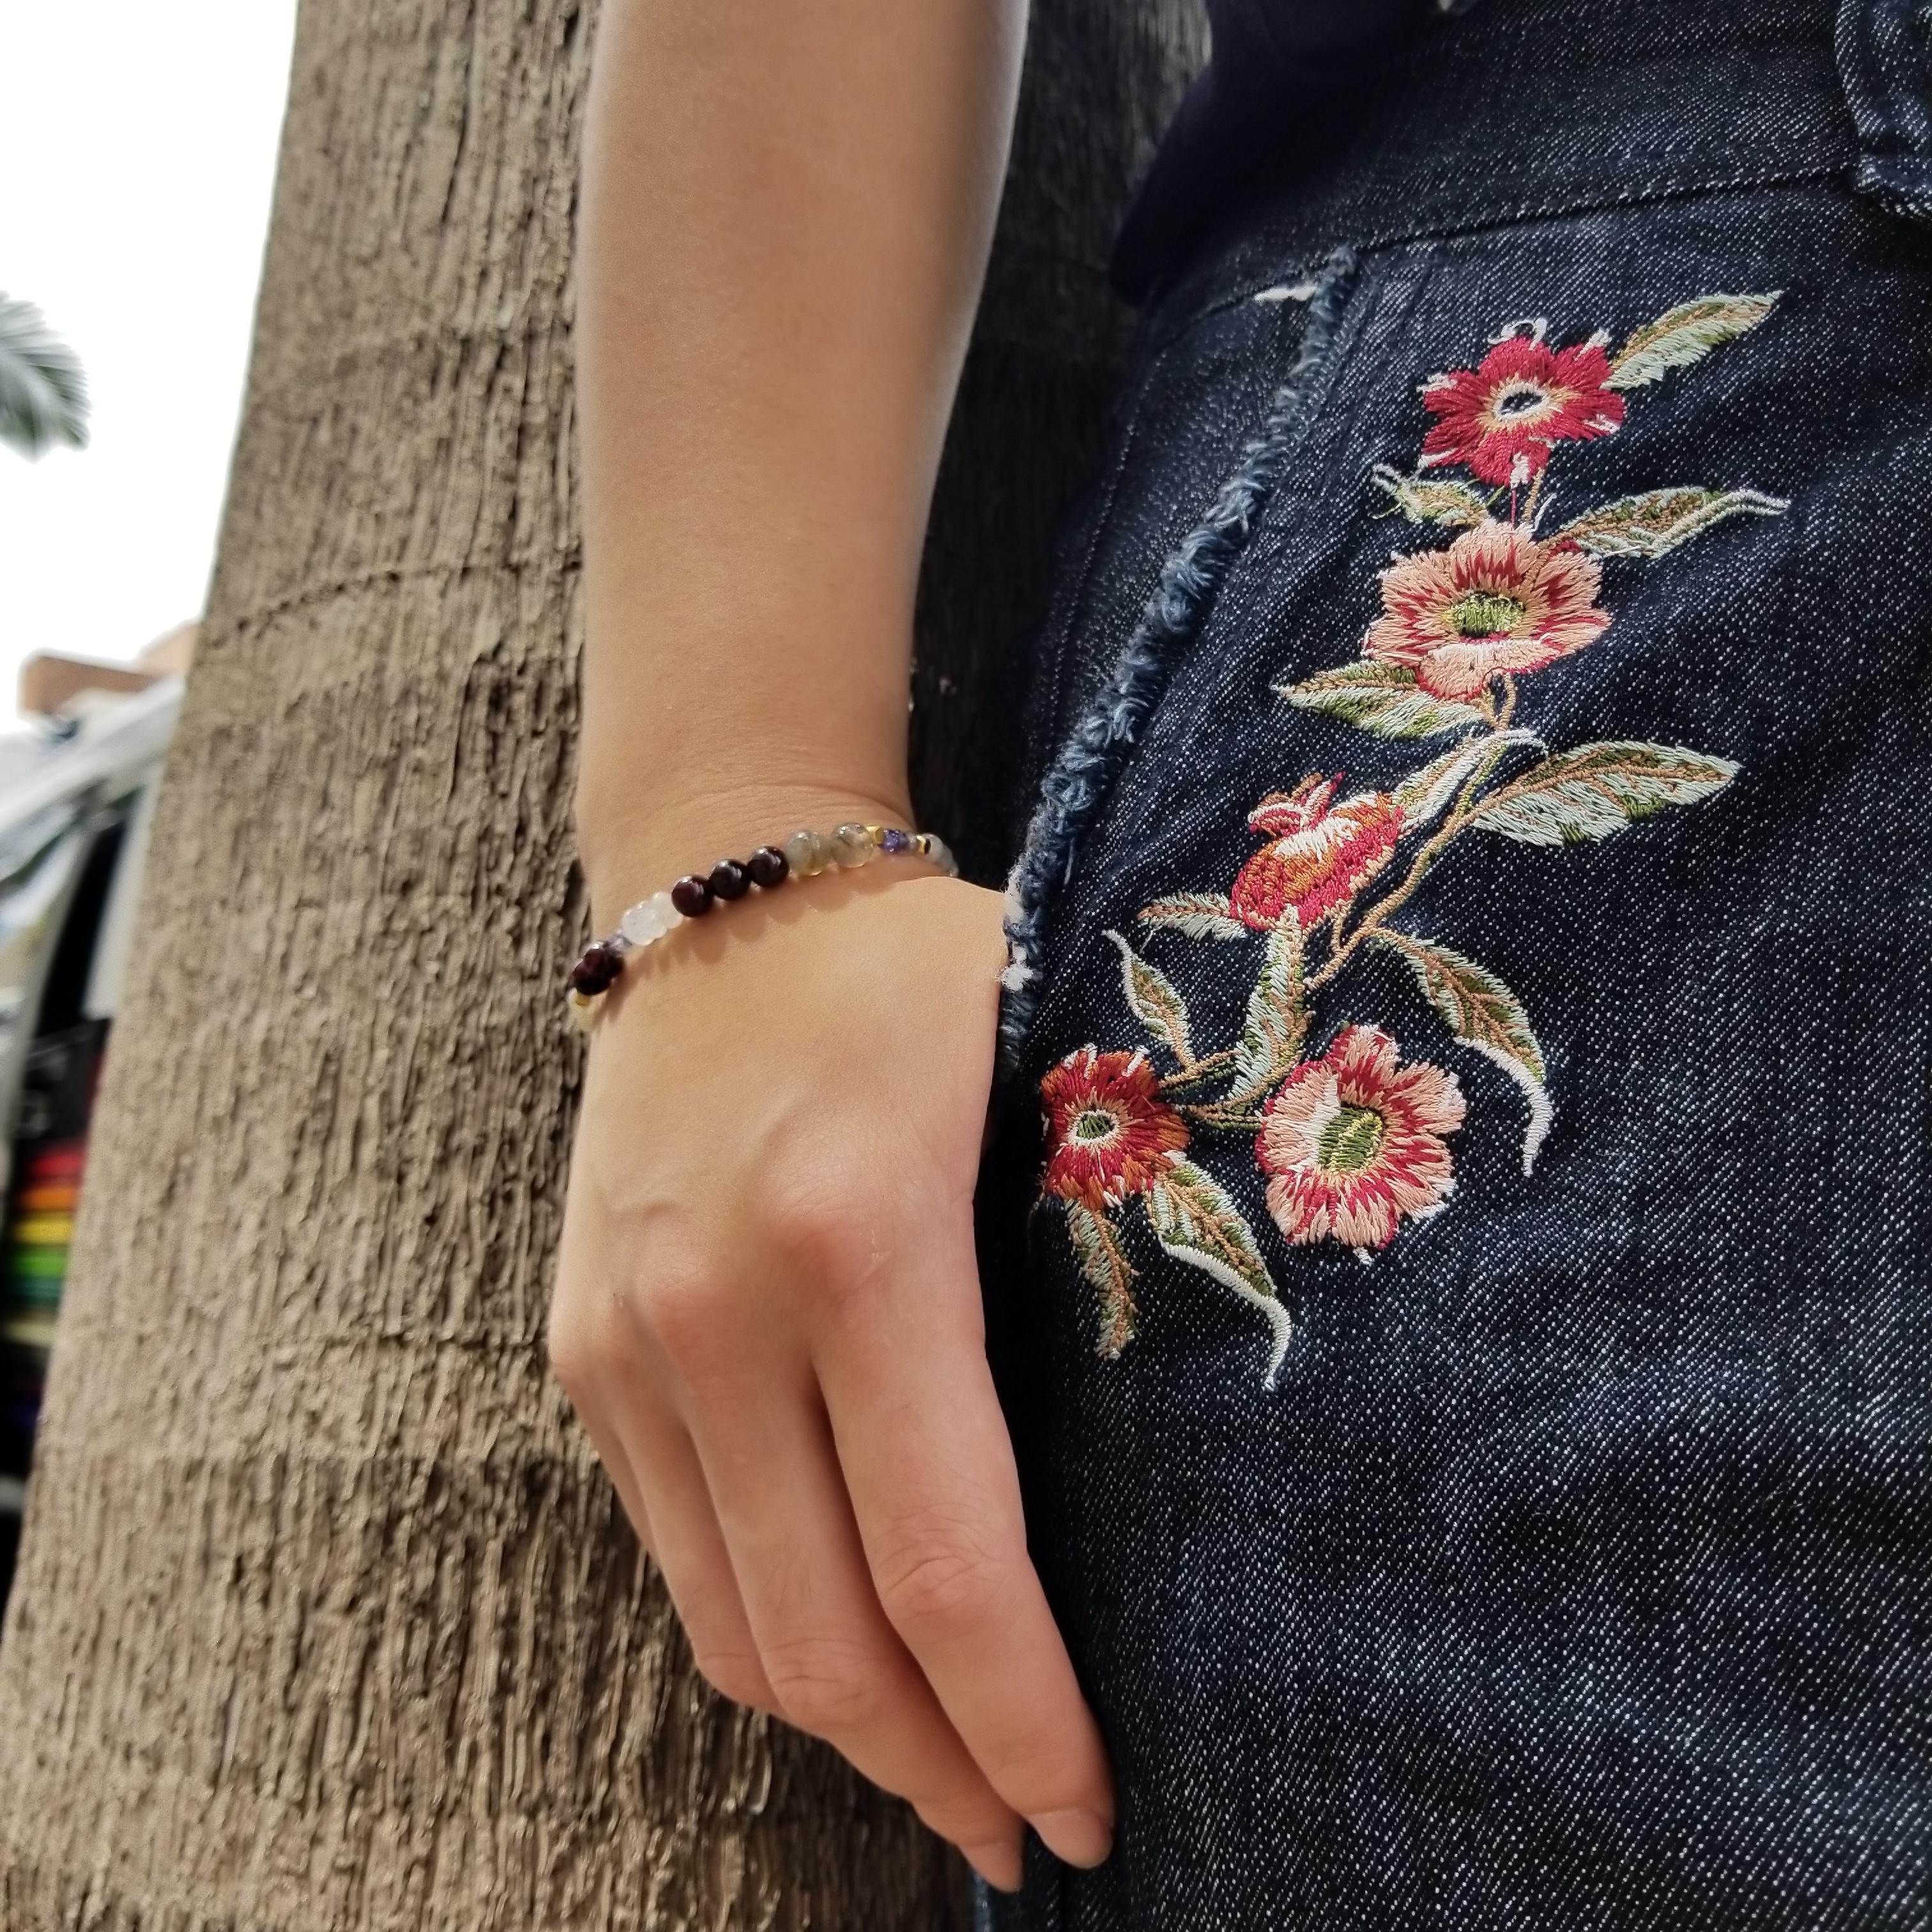 天然石ブレスレット ガーネット ブルームーンストーン ラブラドライト タンザナイト 刺繍デニム 国際通り